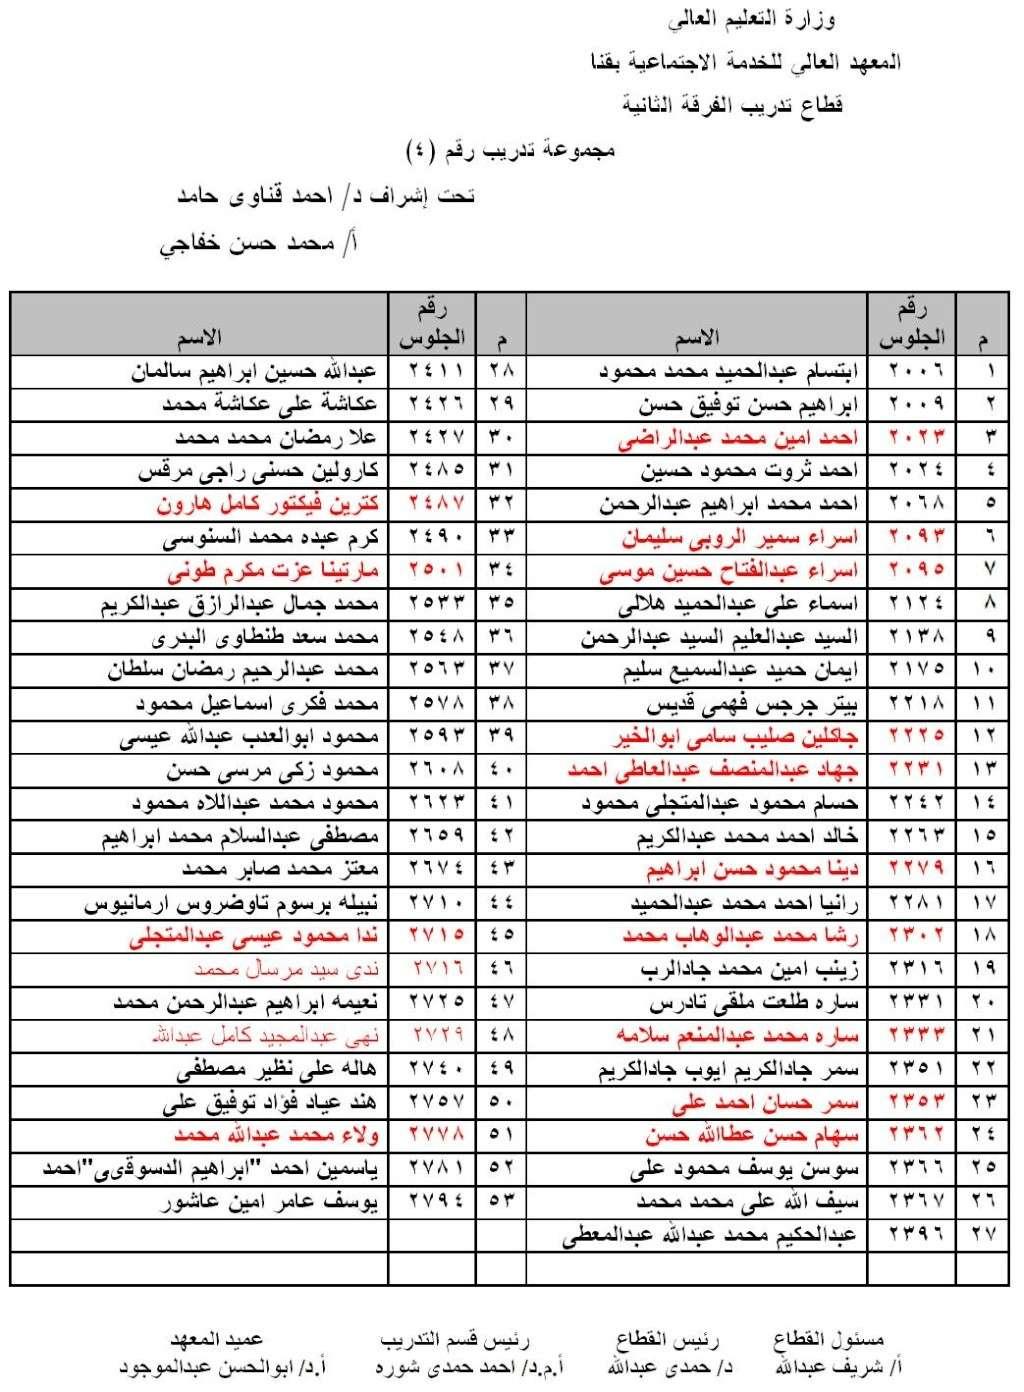 توزيع مجموعات تدريب الفرقة الثانية 2014 - 2015 411